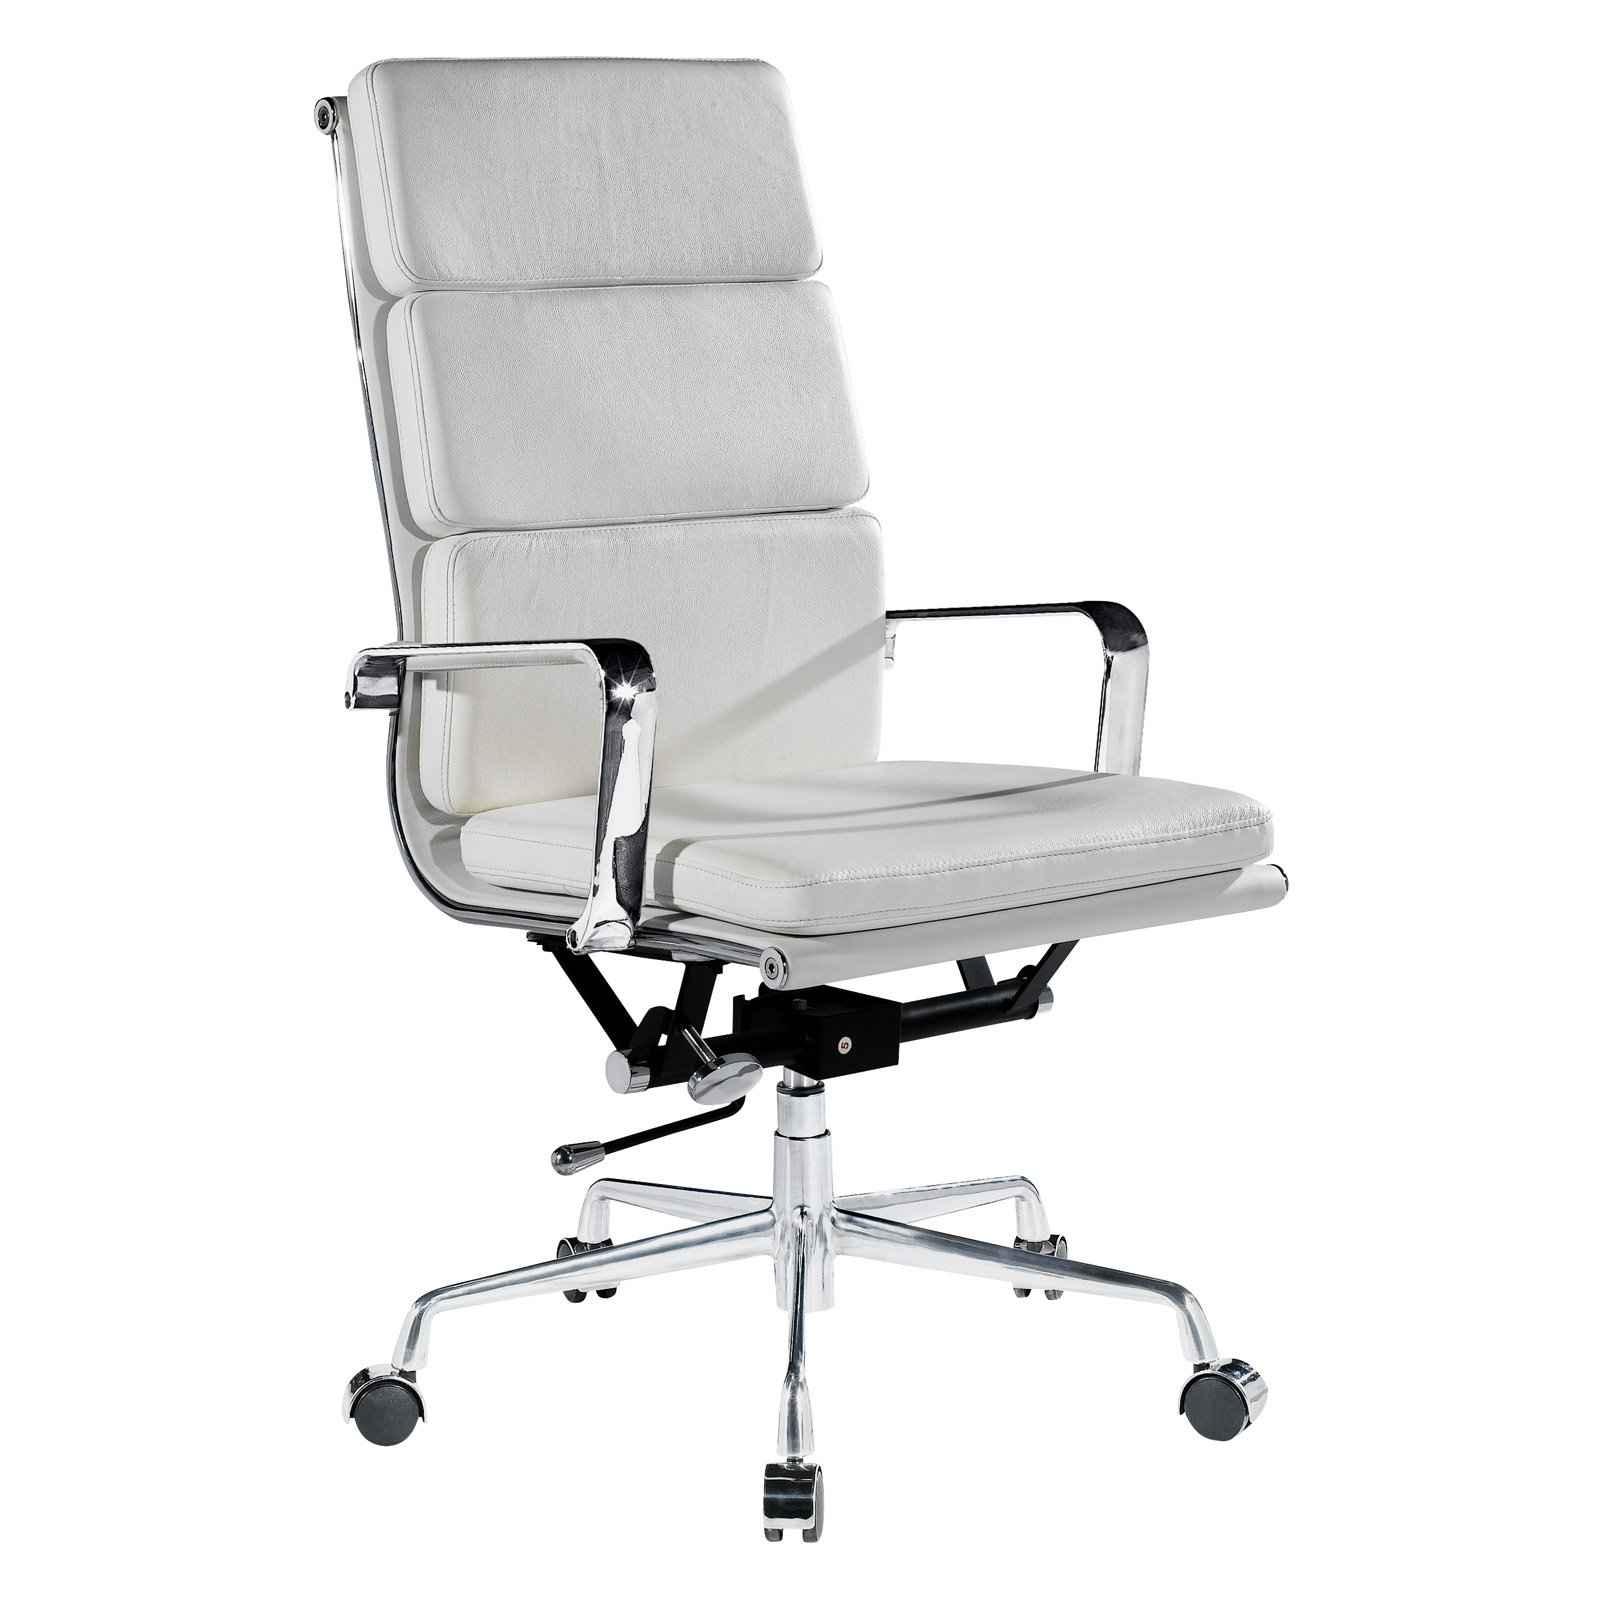 ghế văn phòng hiện đại